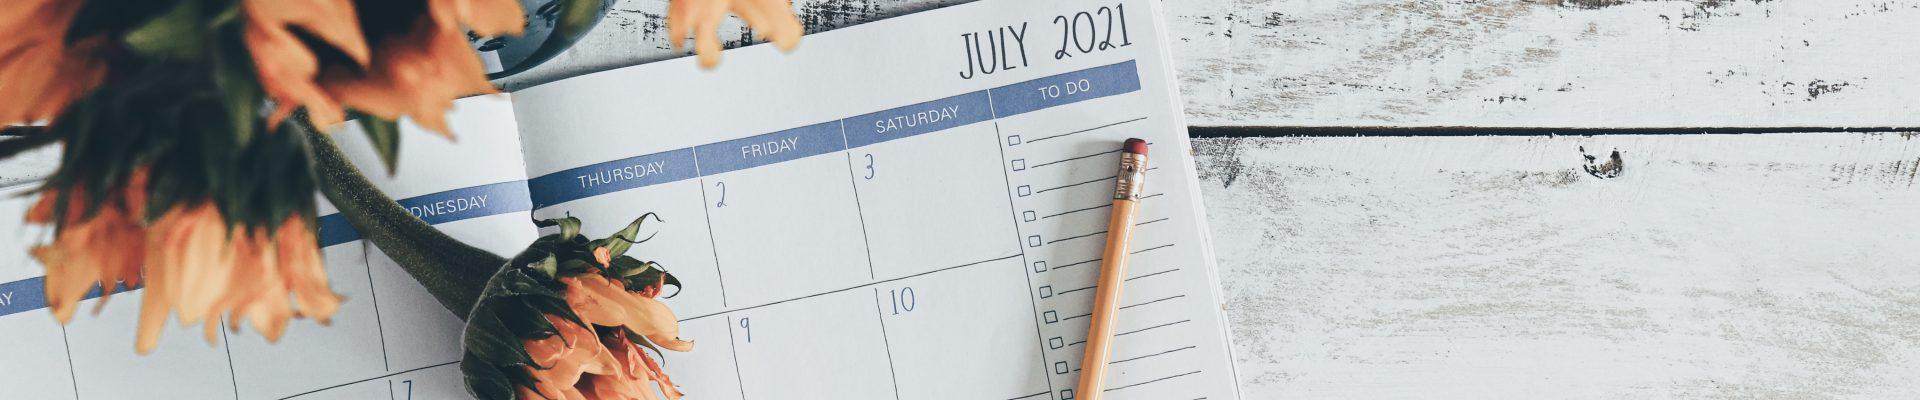 7月の日記帳とひまわりの花